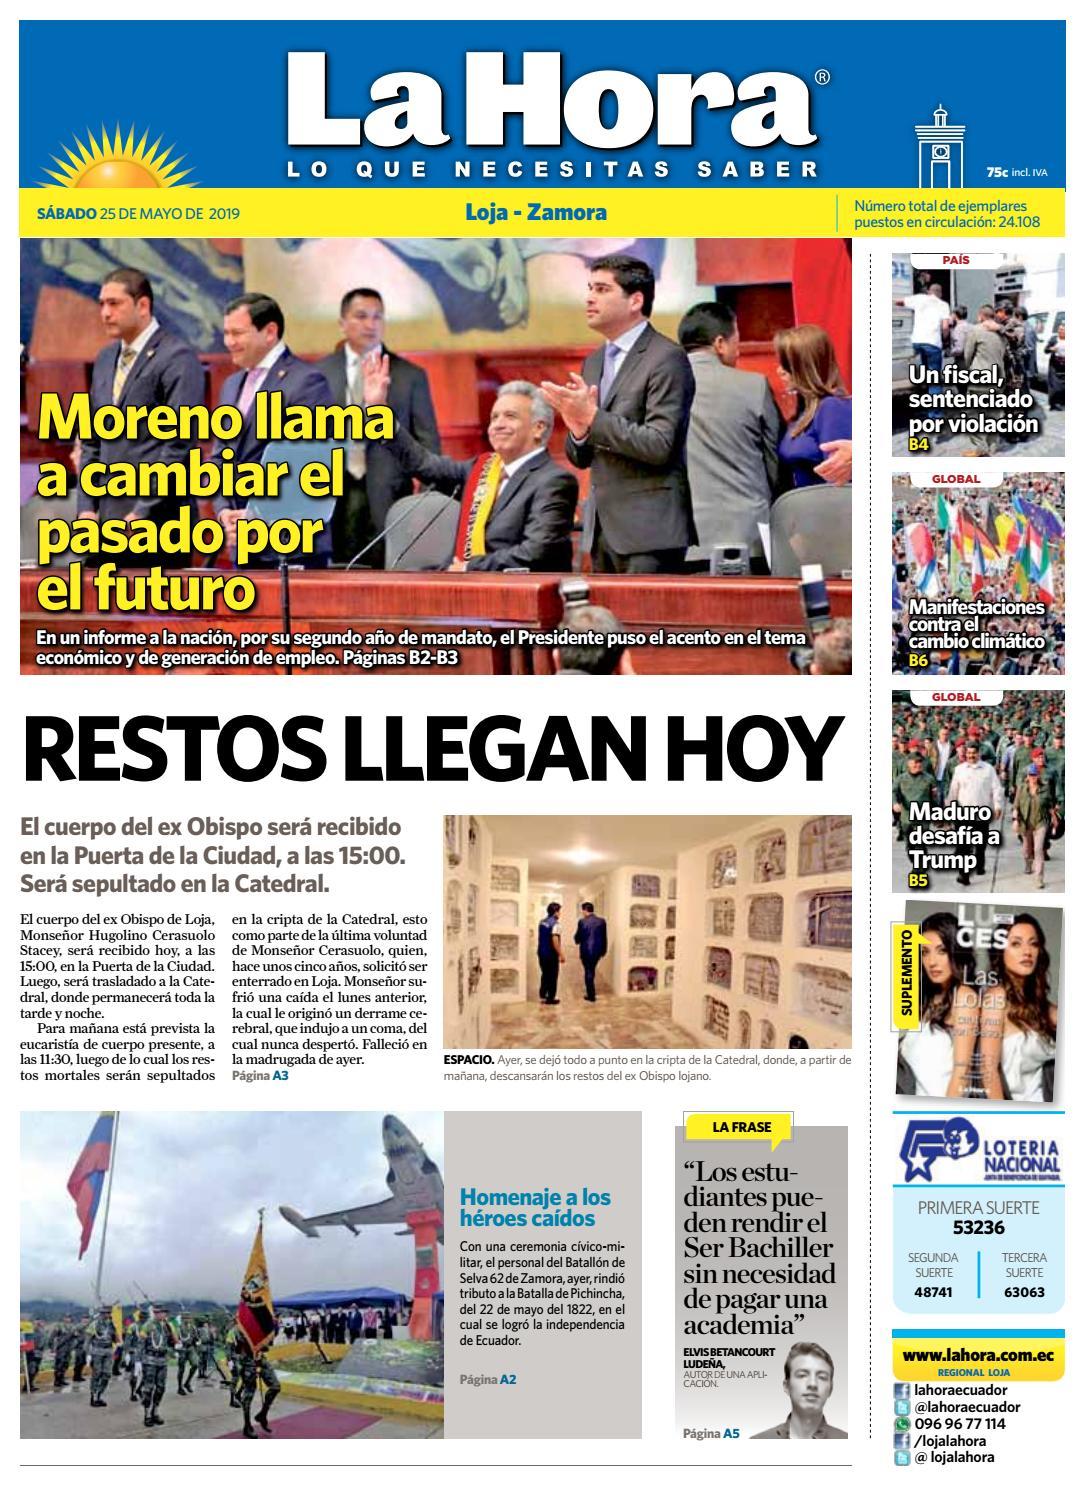 b9fdf31bd71a Diario La Hora Loja 25 de Mayo 2019 by Diario La Hora Ecuador - issuu